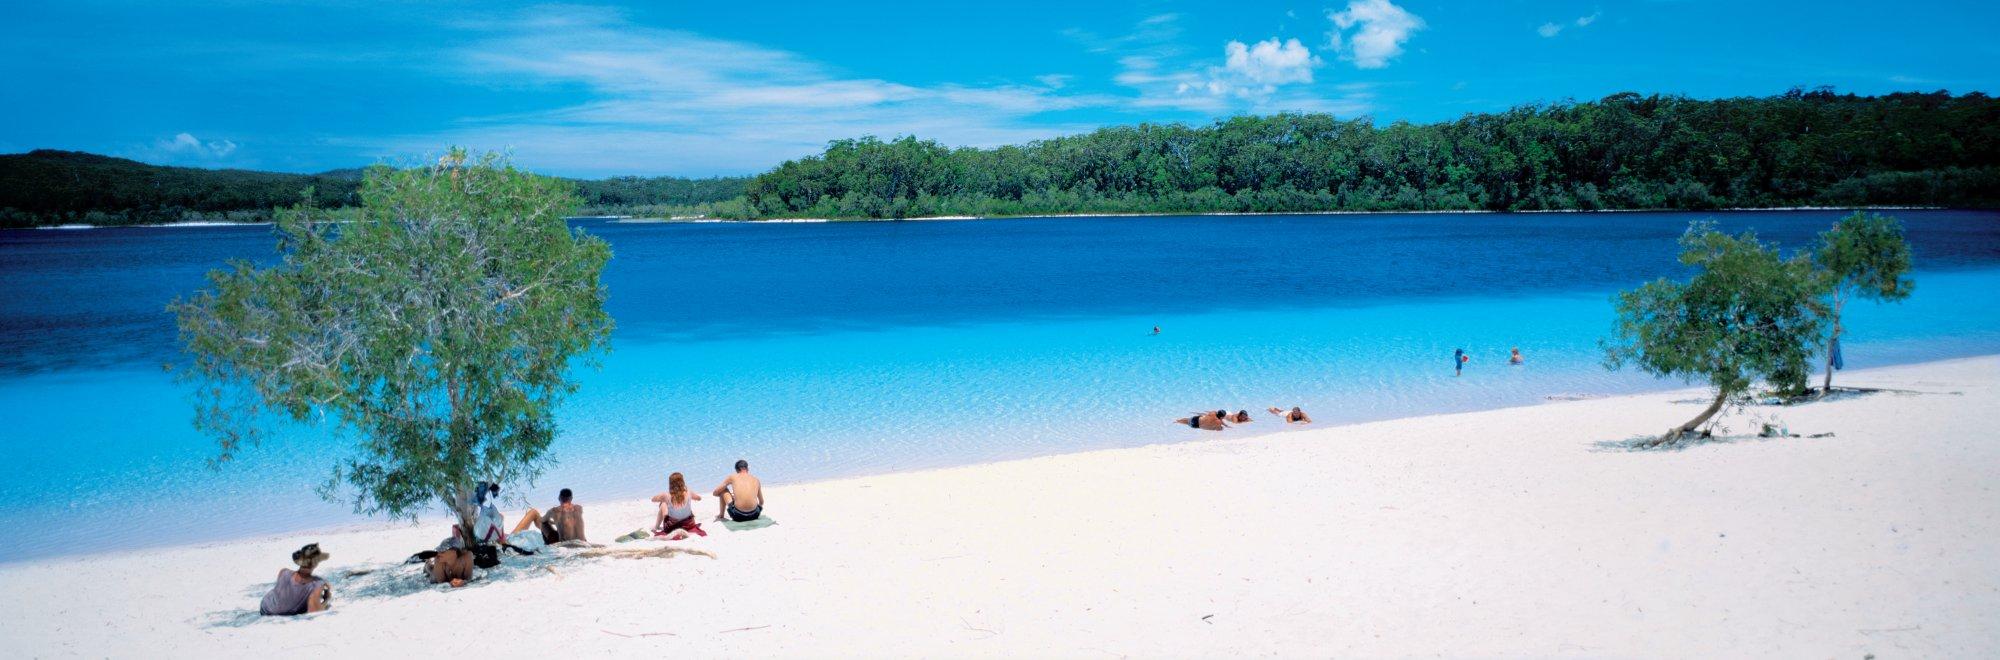 Fraser Island Brisbane Gets Ready